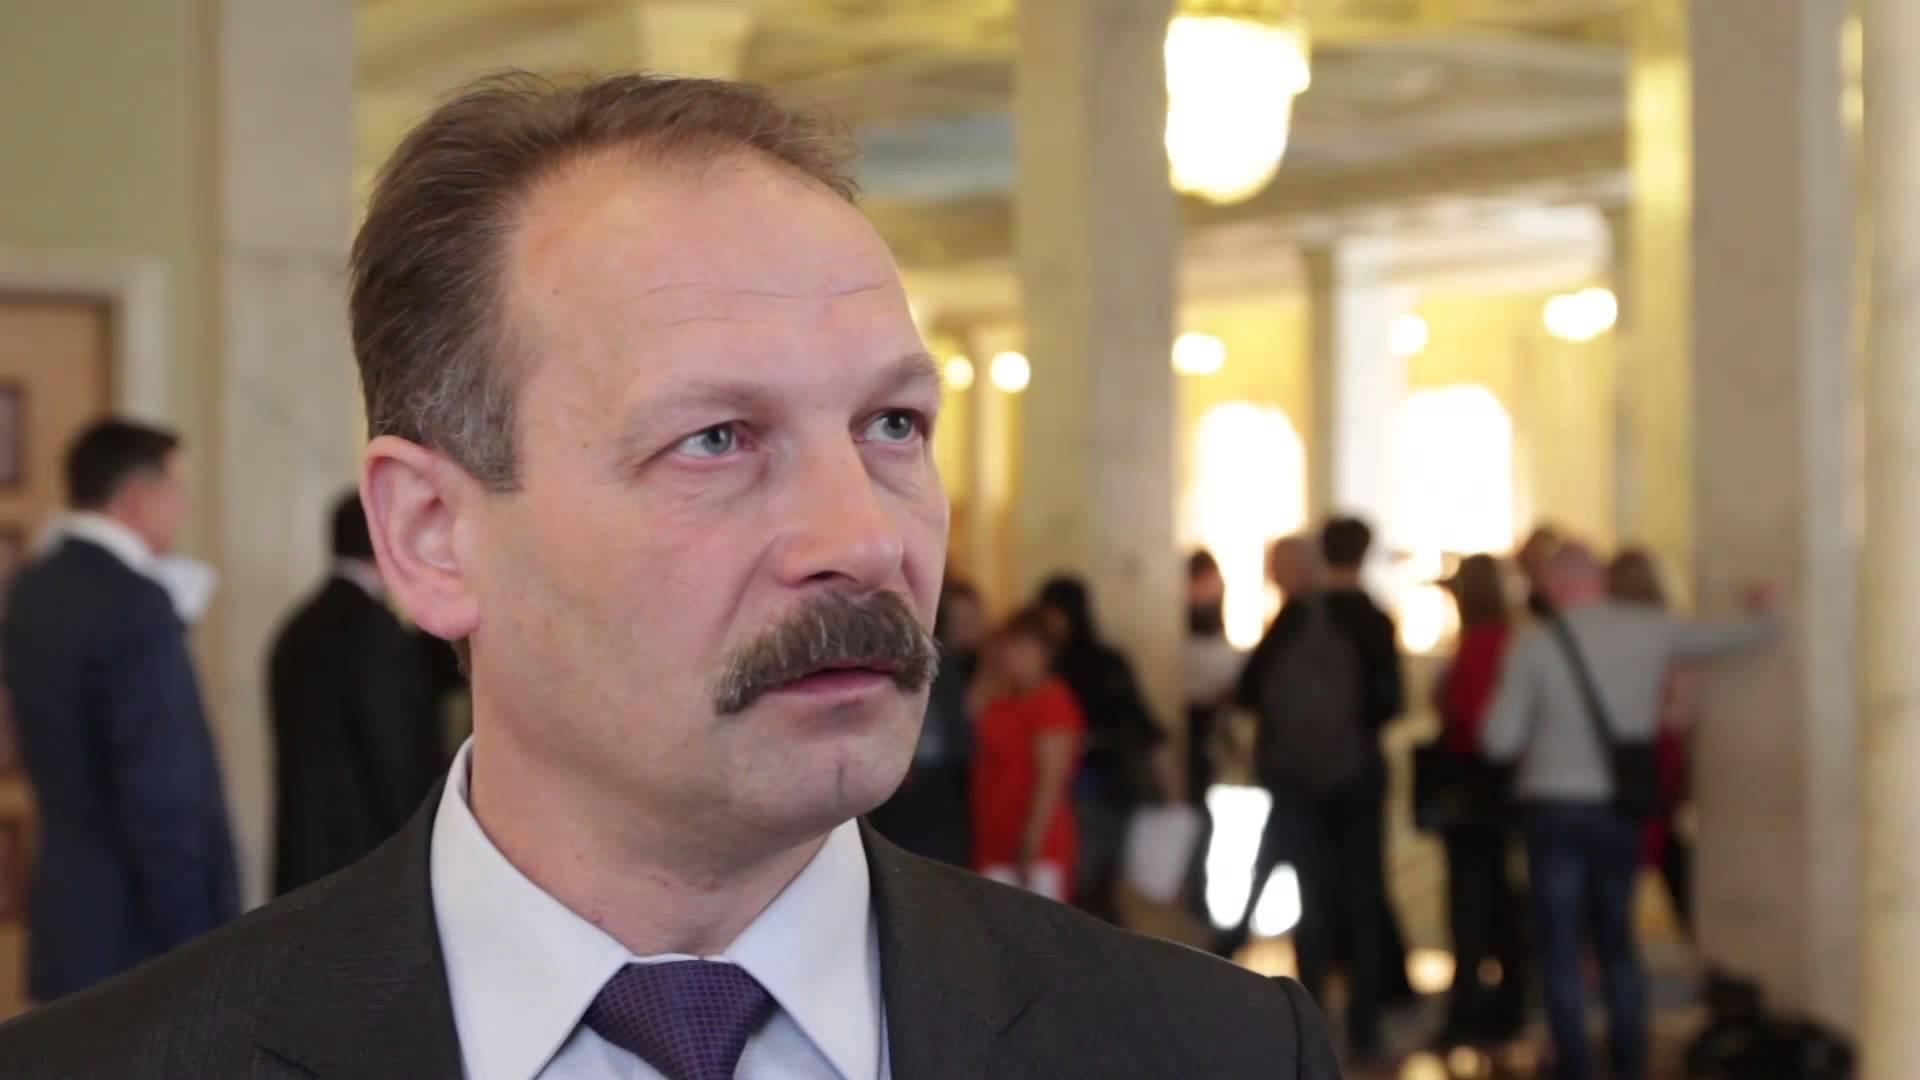 «Я в Польше, но уже вылетаю»: депутат от БПП готов продать свой голос за 80 тысяч долларов (ВИДЕО)